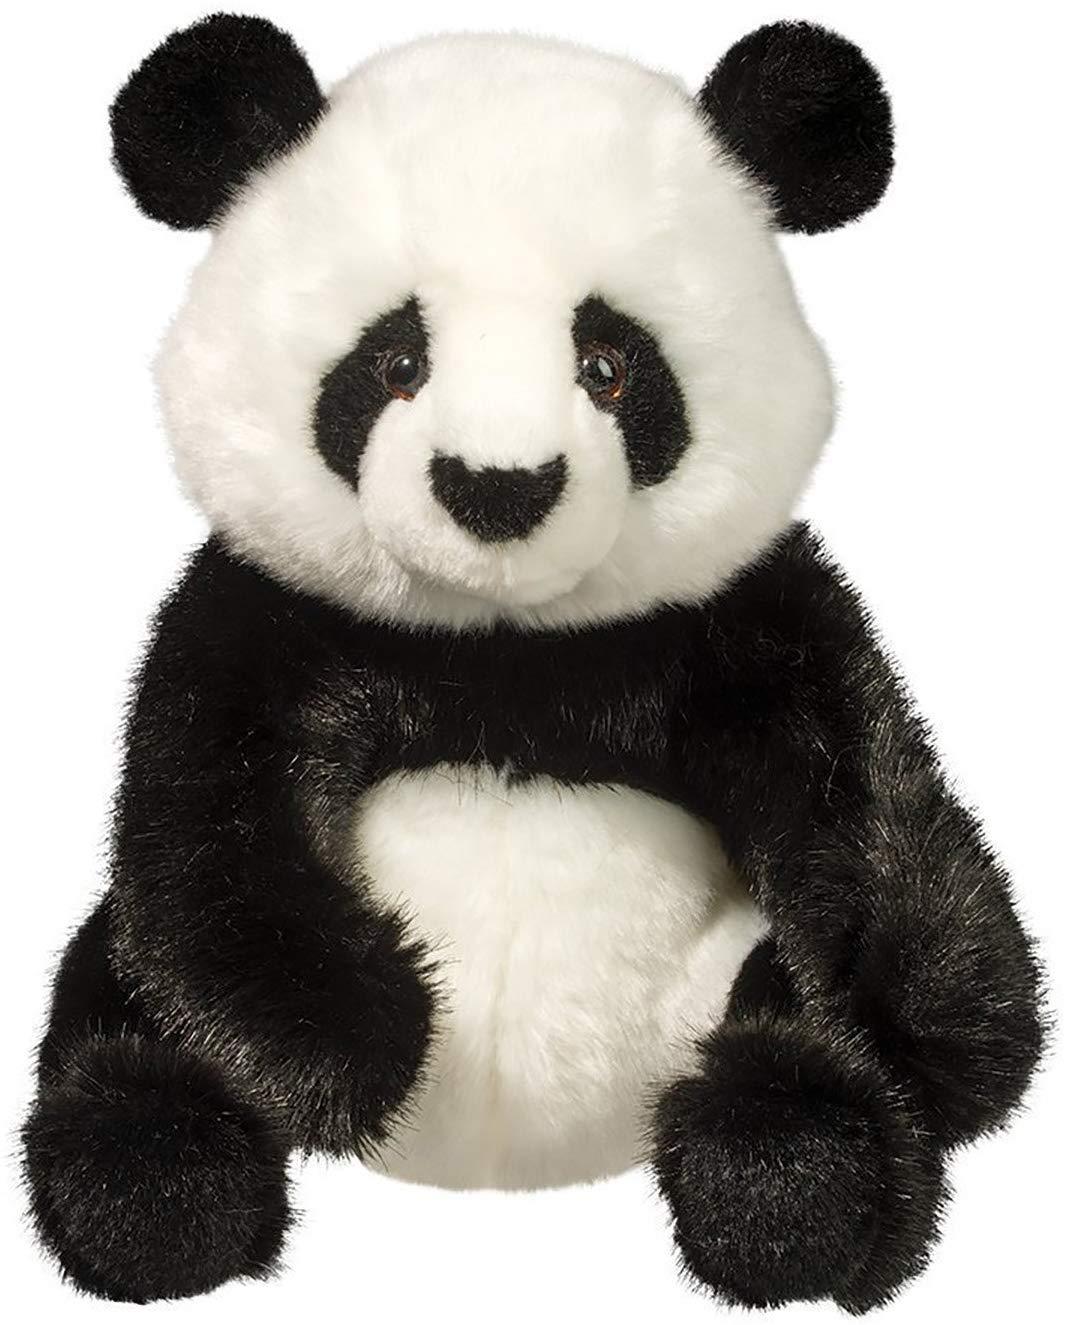 panda when your friend is drunk